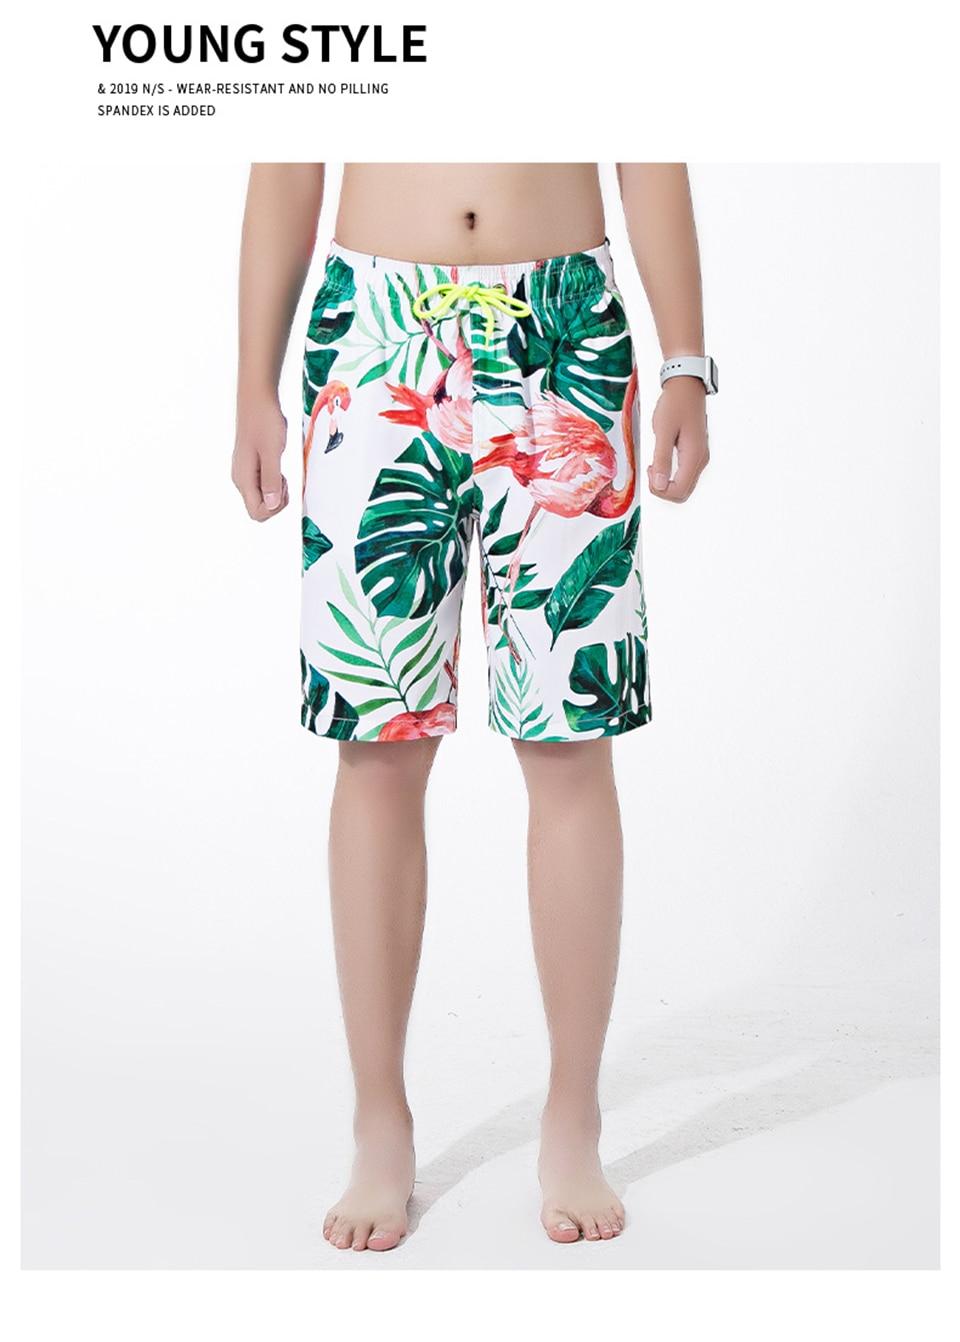 cintura elástica homens shorts com bolso casual